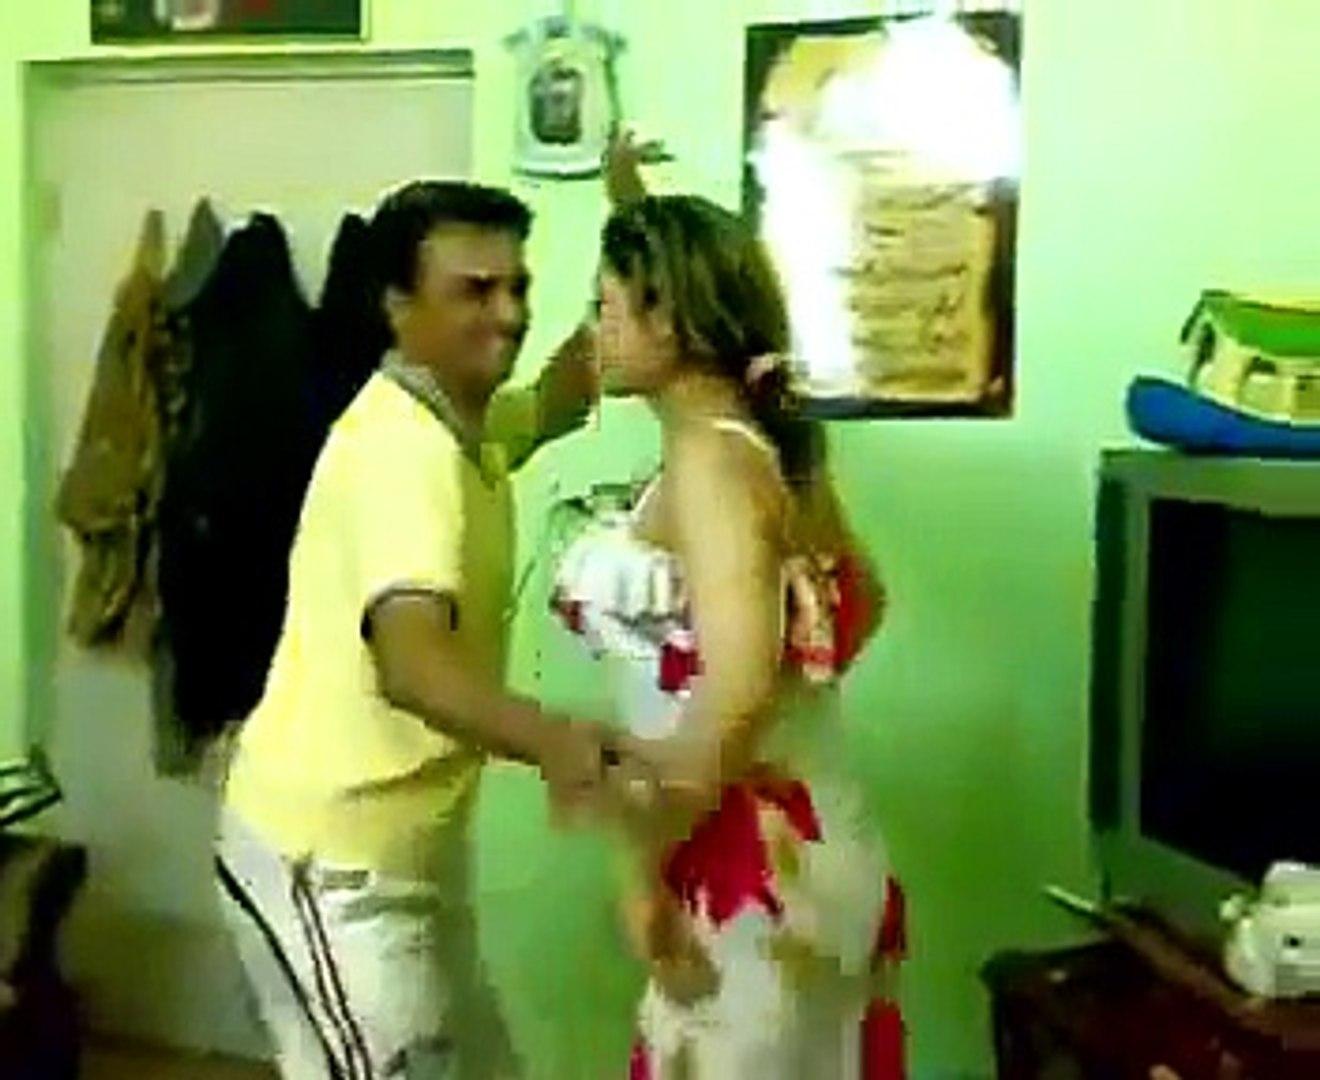 vrw ogd[d - رقص منازل خليجي - رقص معلايه خليجي - رقص خليجي في غرفة النوم - رقص عاري